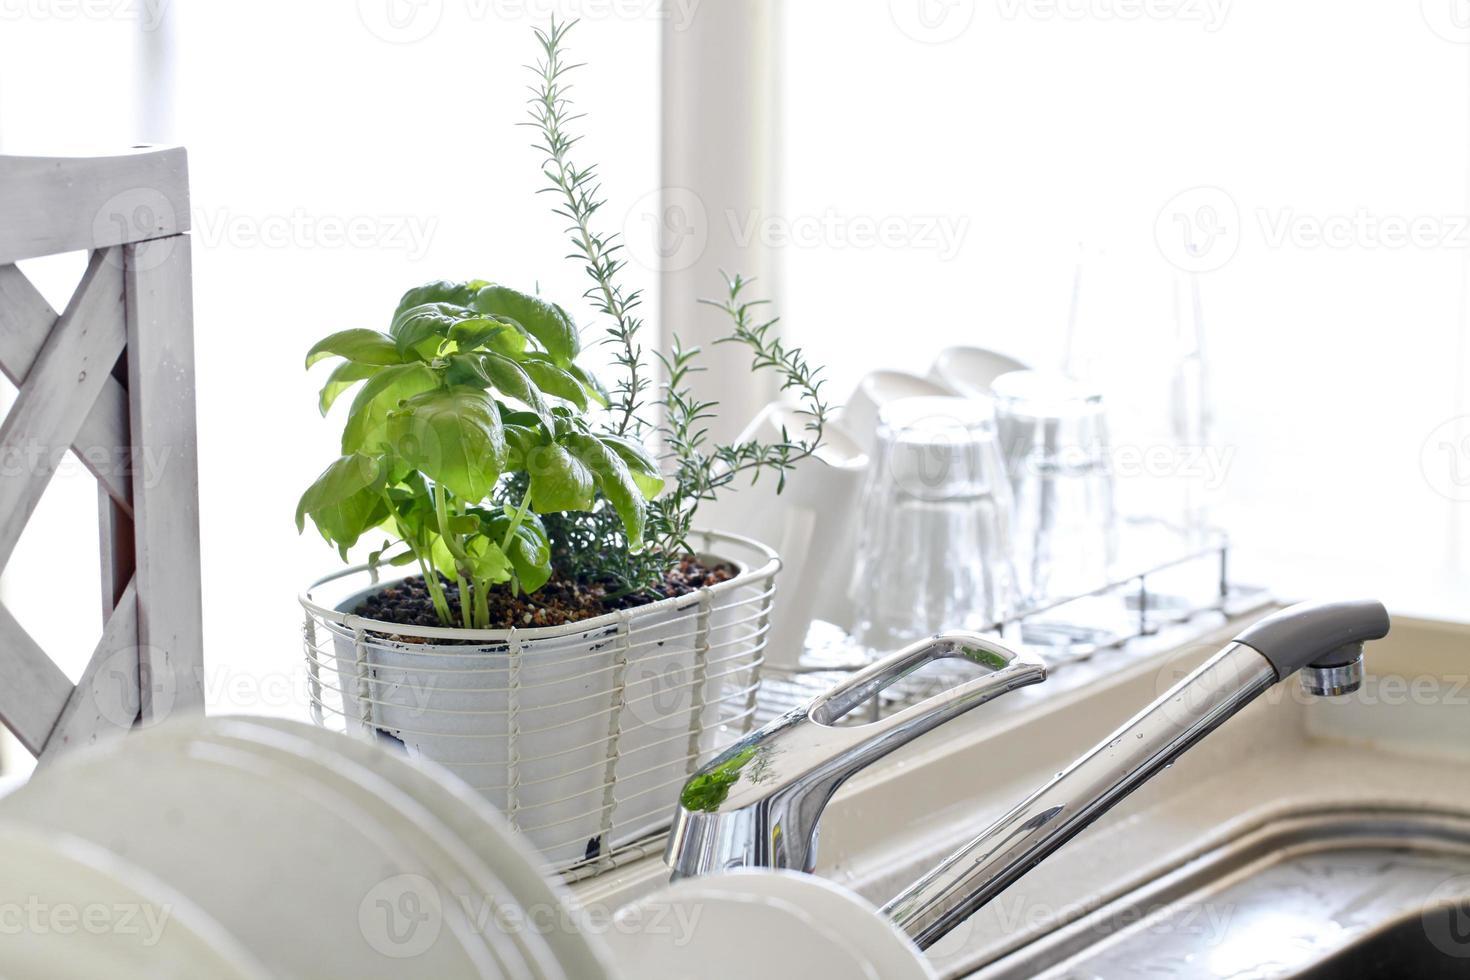 Küchengarten foto